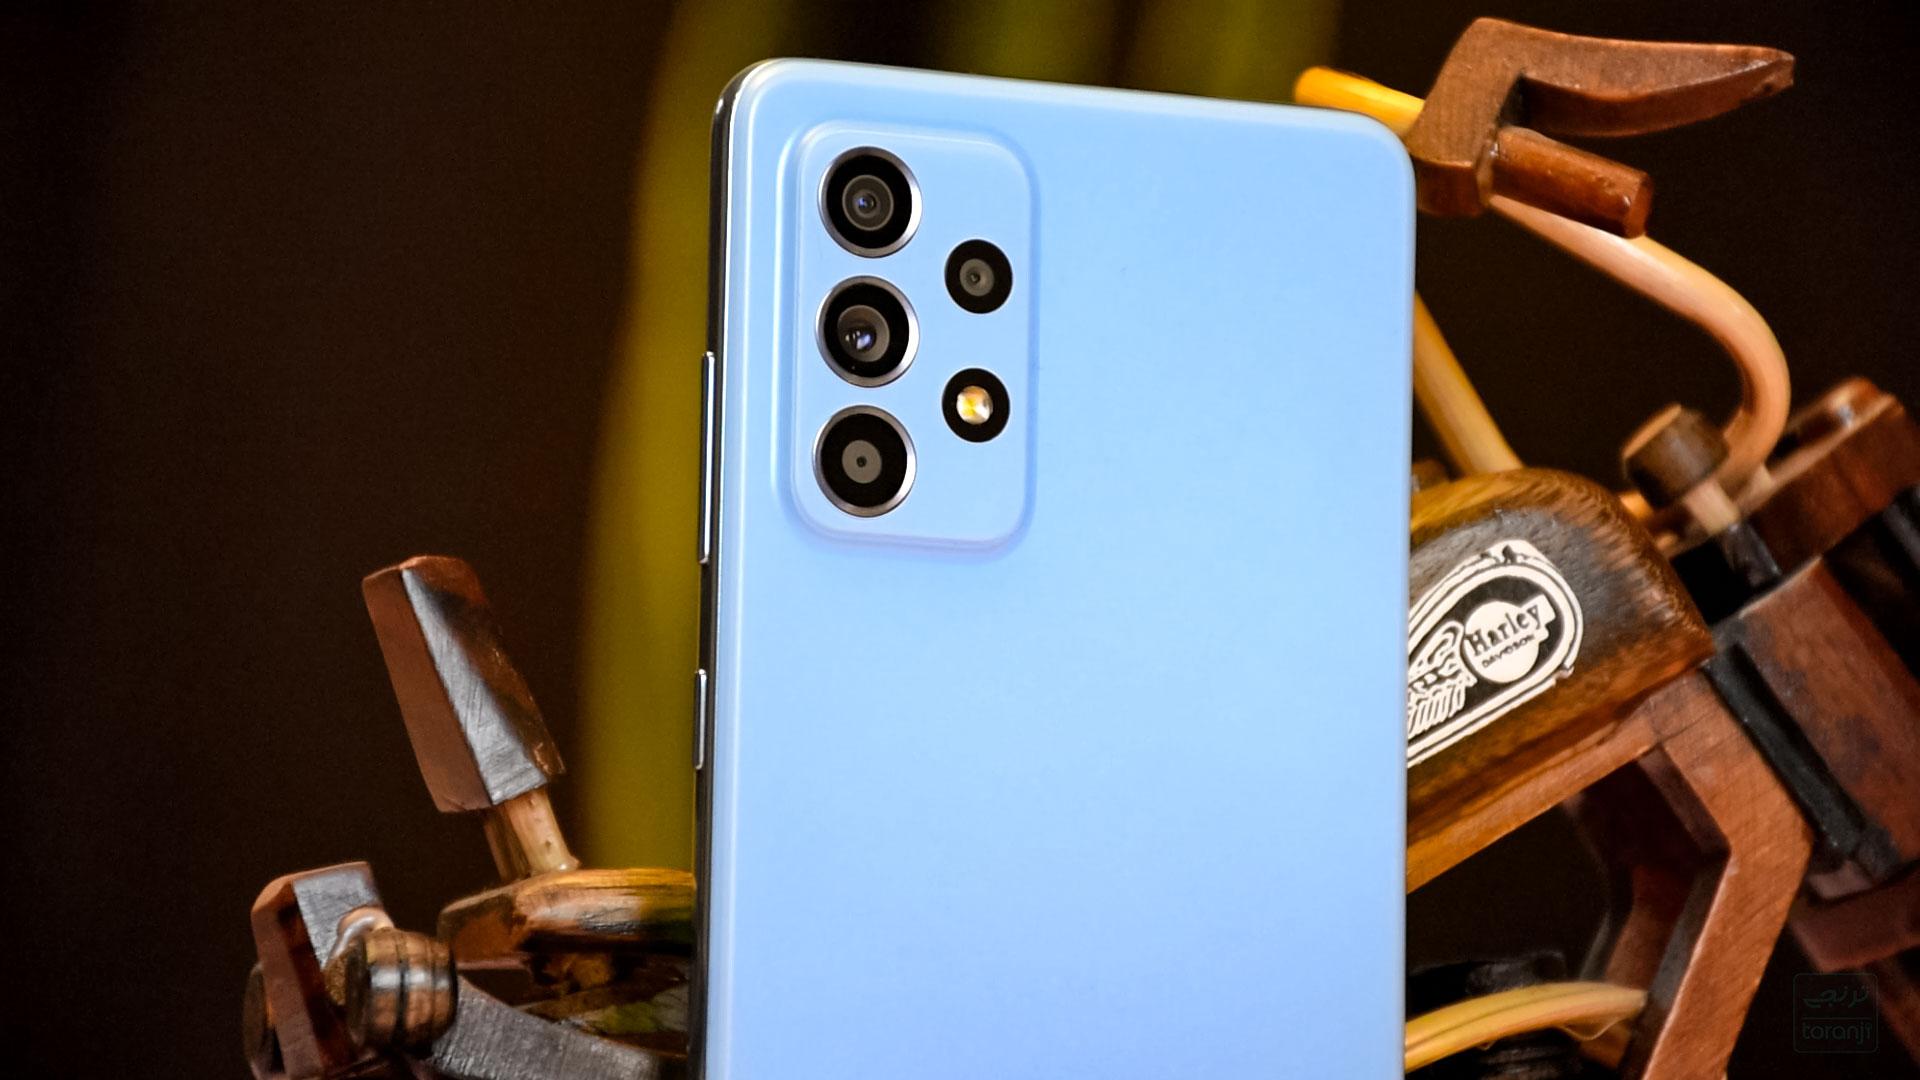 سامسونگ Galaxy A53 از همان سیستم دوربین نسل قبل استفاده خواهد کرد